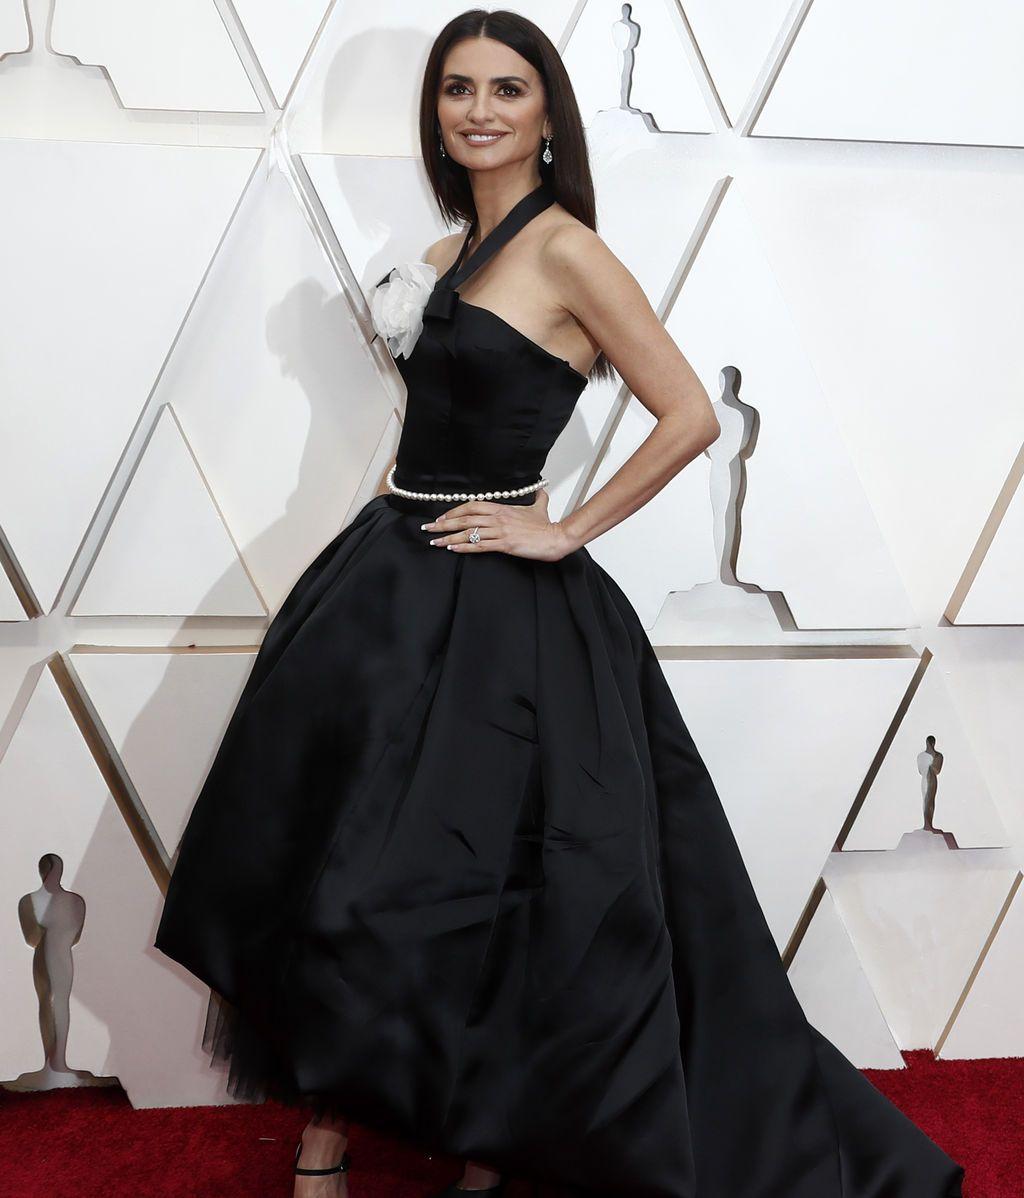 Penélope Cruz posa en la alfombra roja de los Premios Óscar 2020